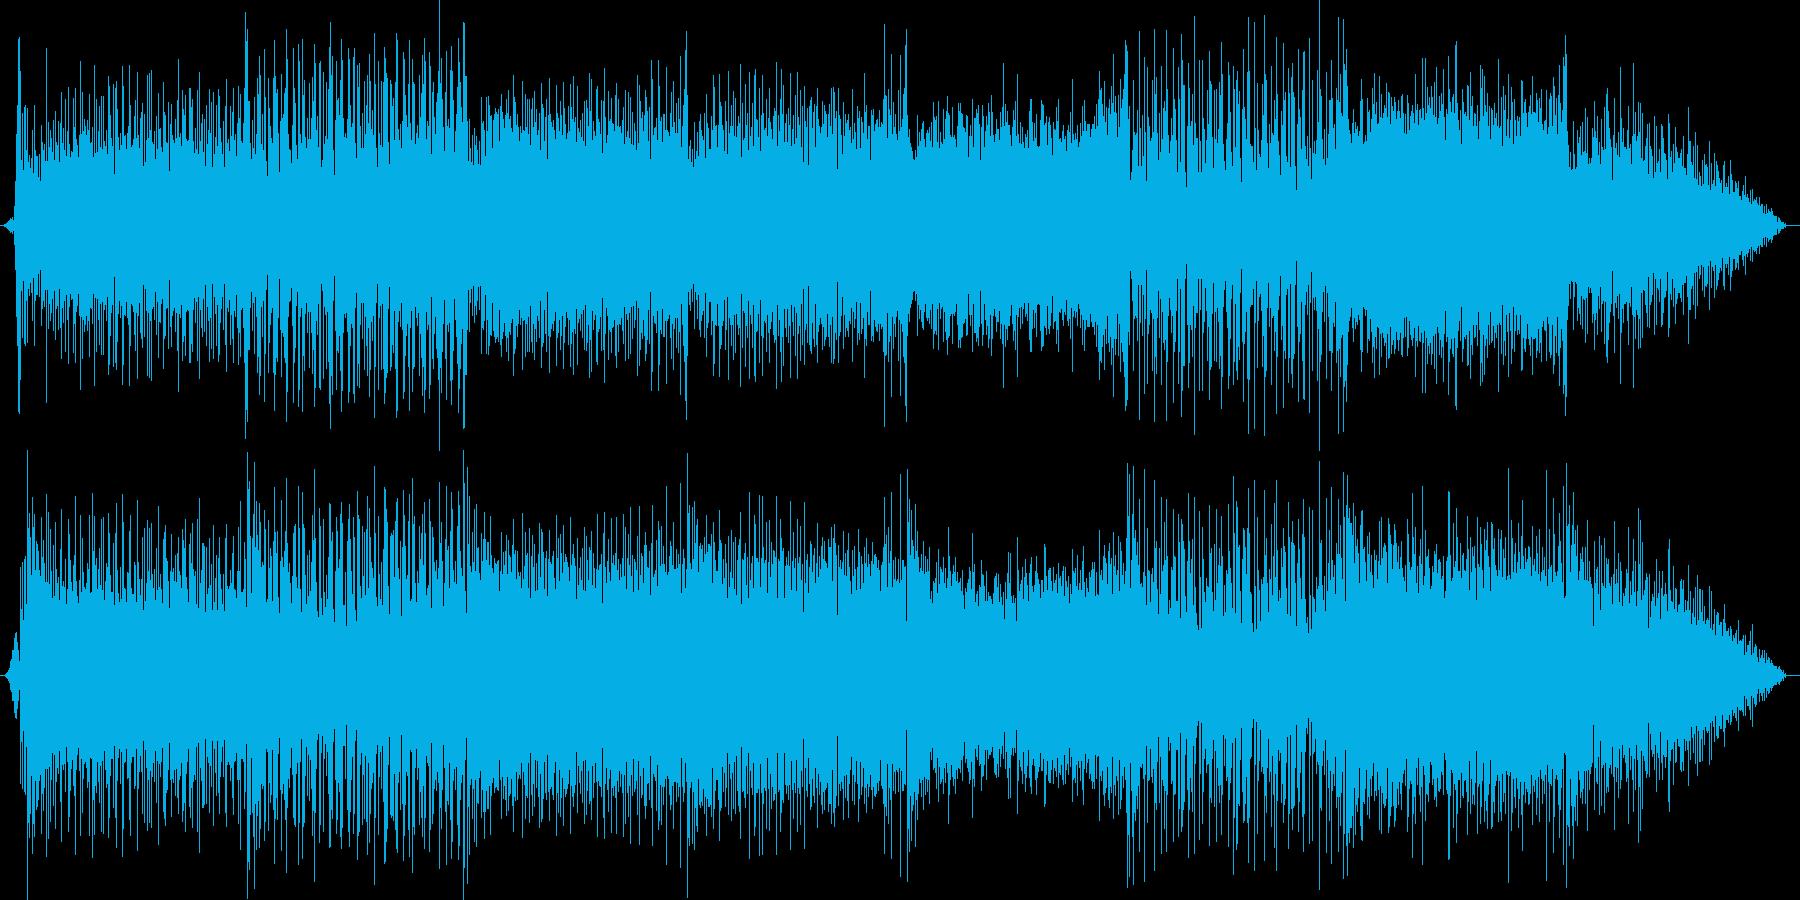 カーチェイス映画のような疾走感のBGMの再生済みの波形